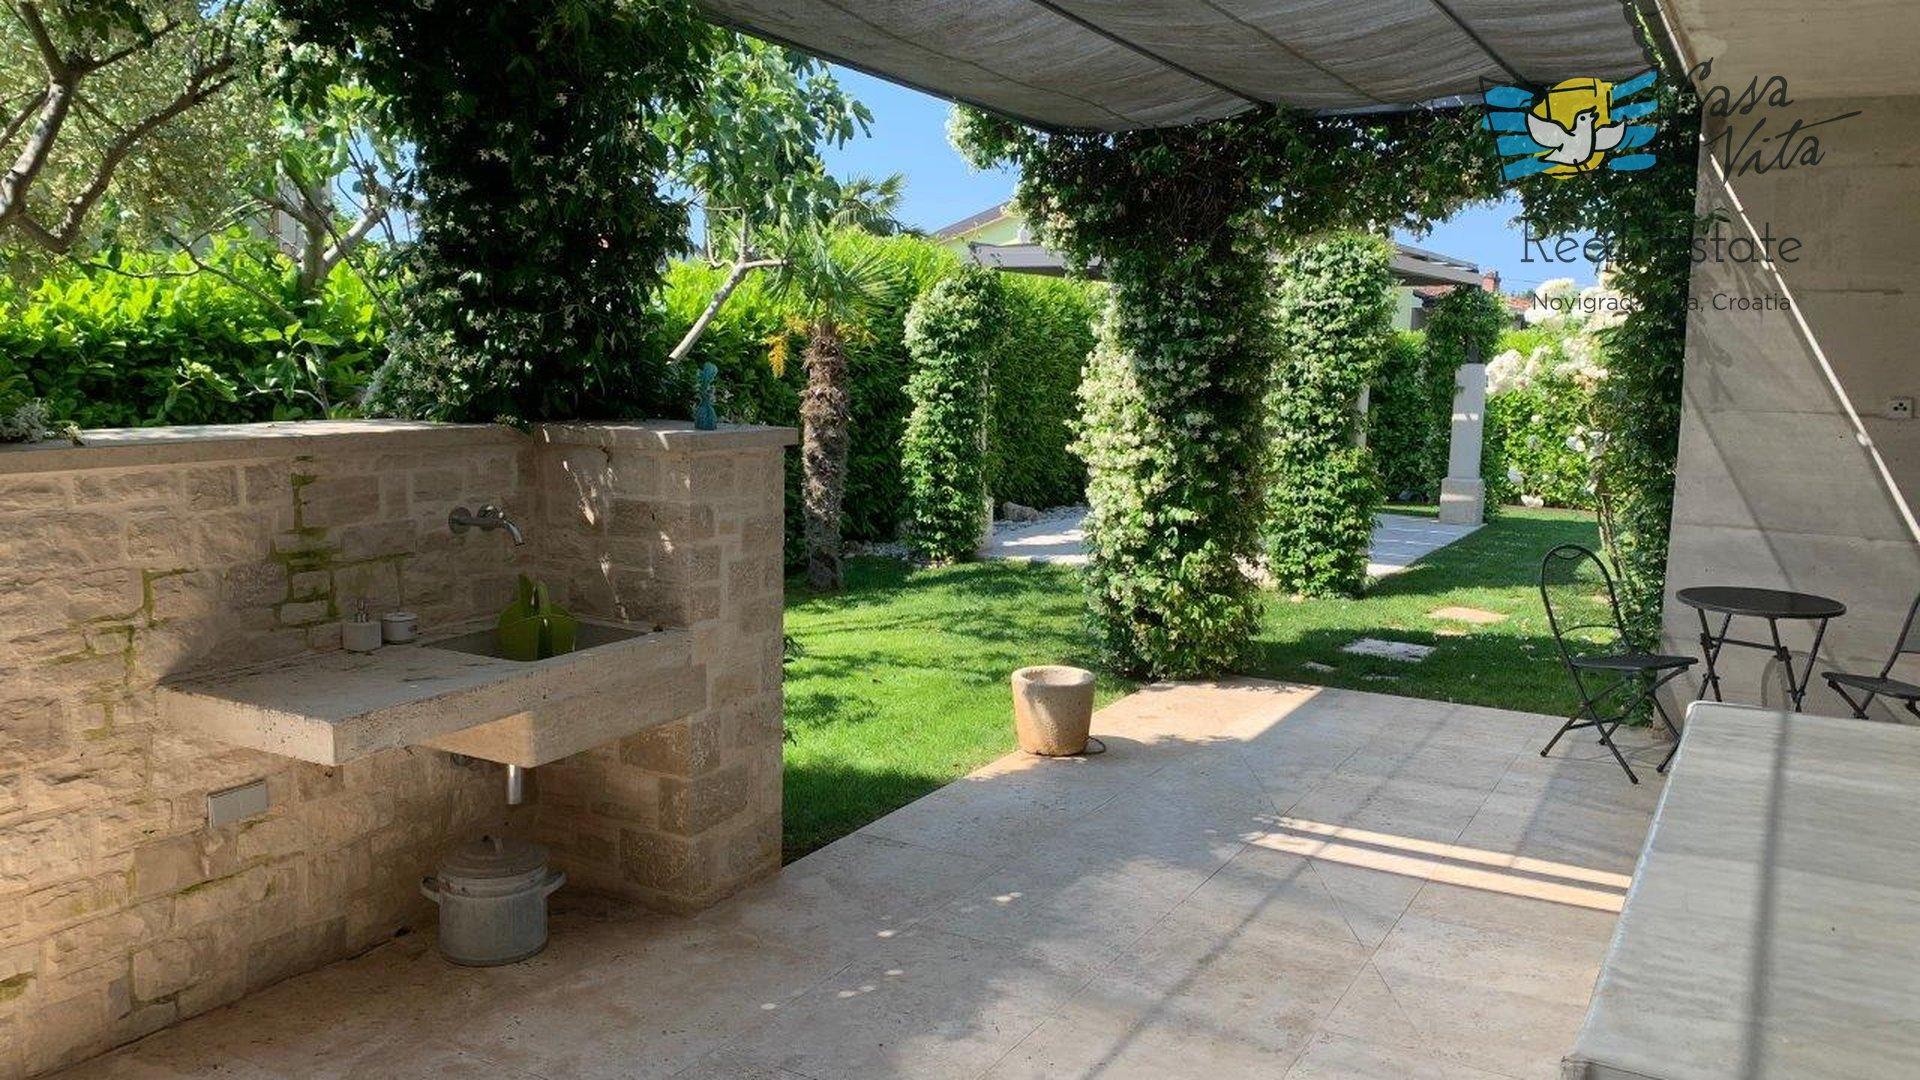 Casa moderna in un'ottima posizione a Cittanova, a 350 metri dal mare!